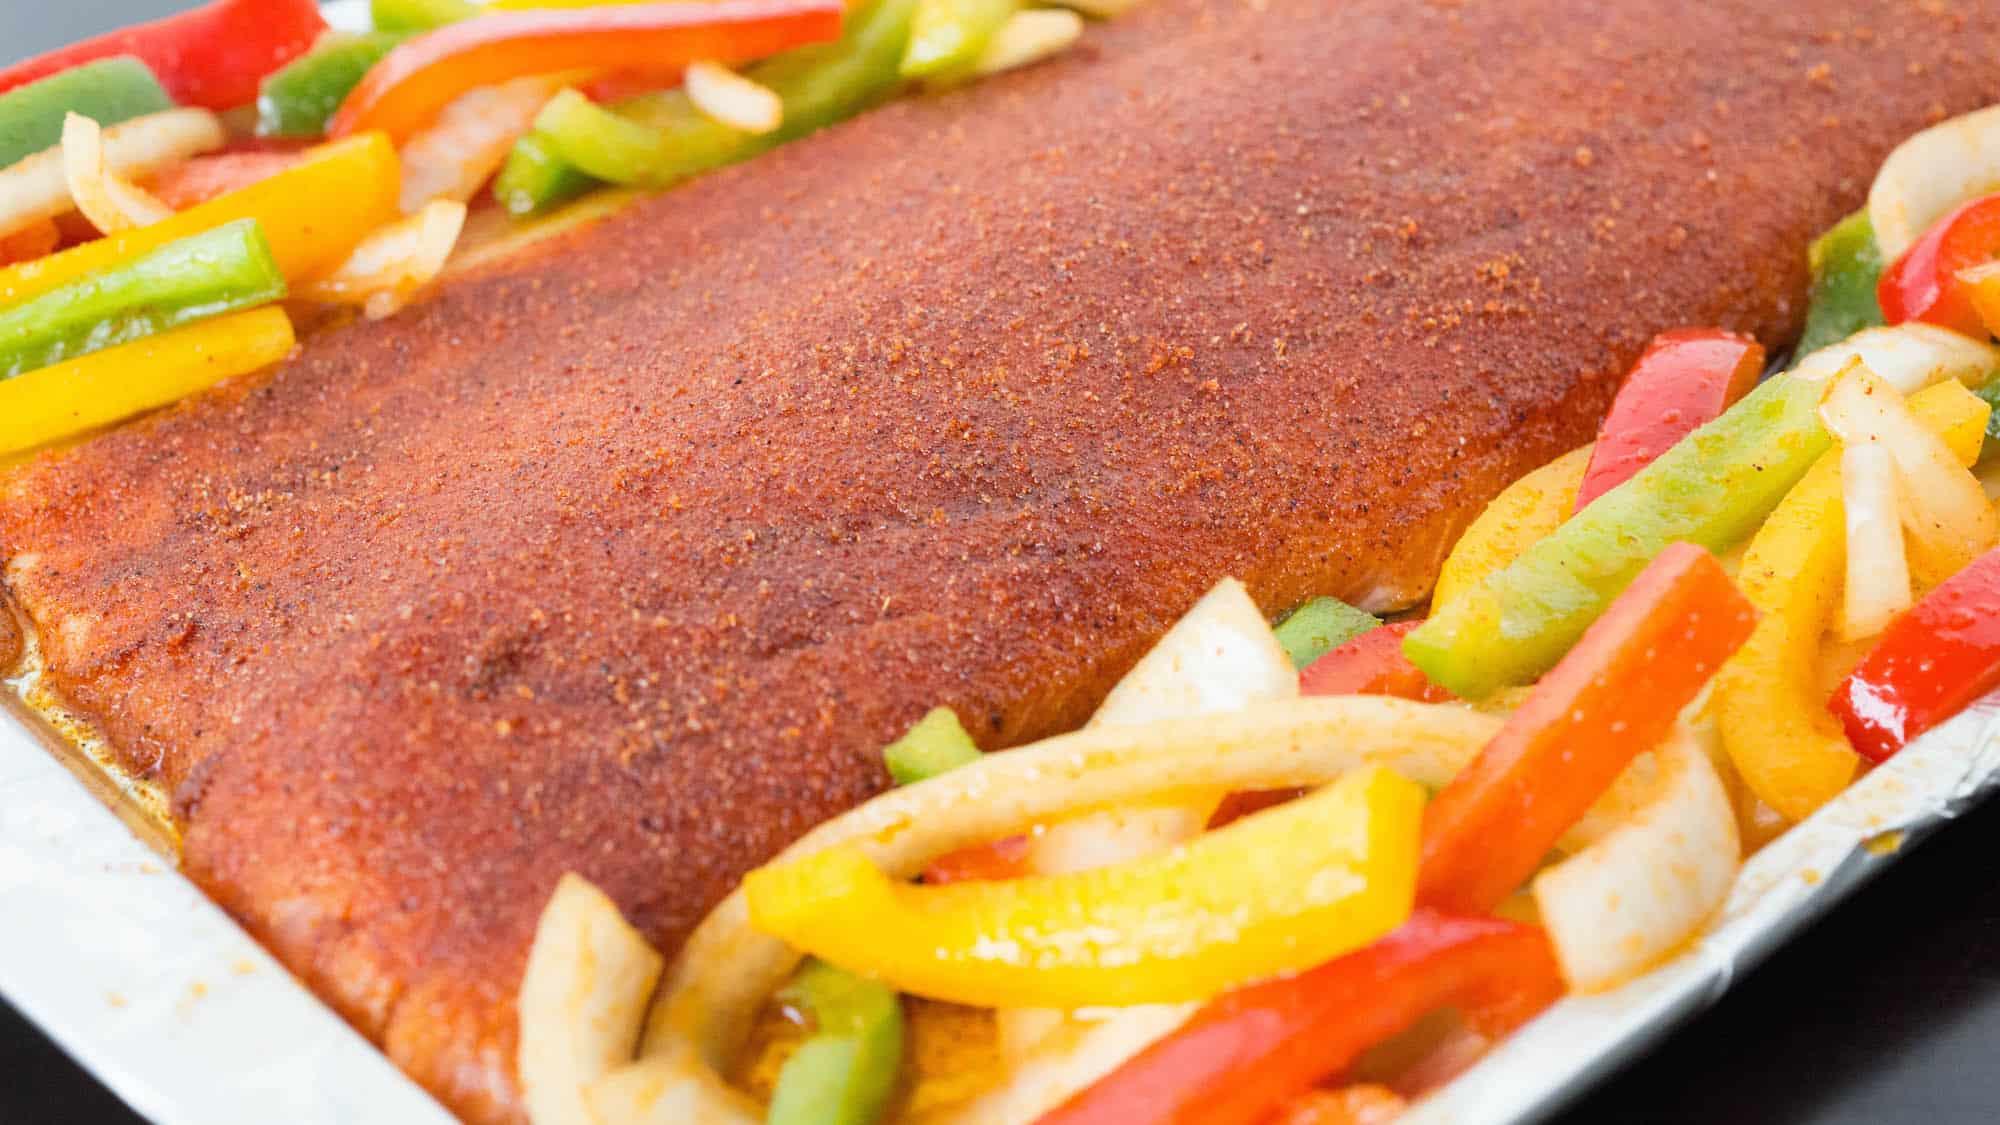 Easy One Pan Fajita Salmon & Peppers Recipe